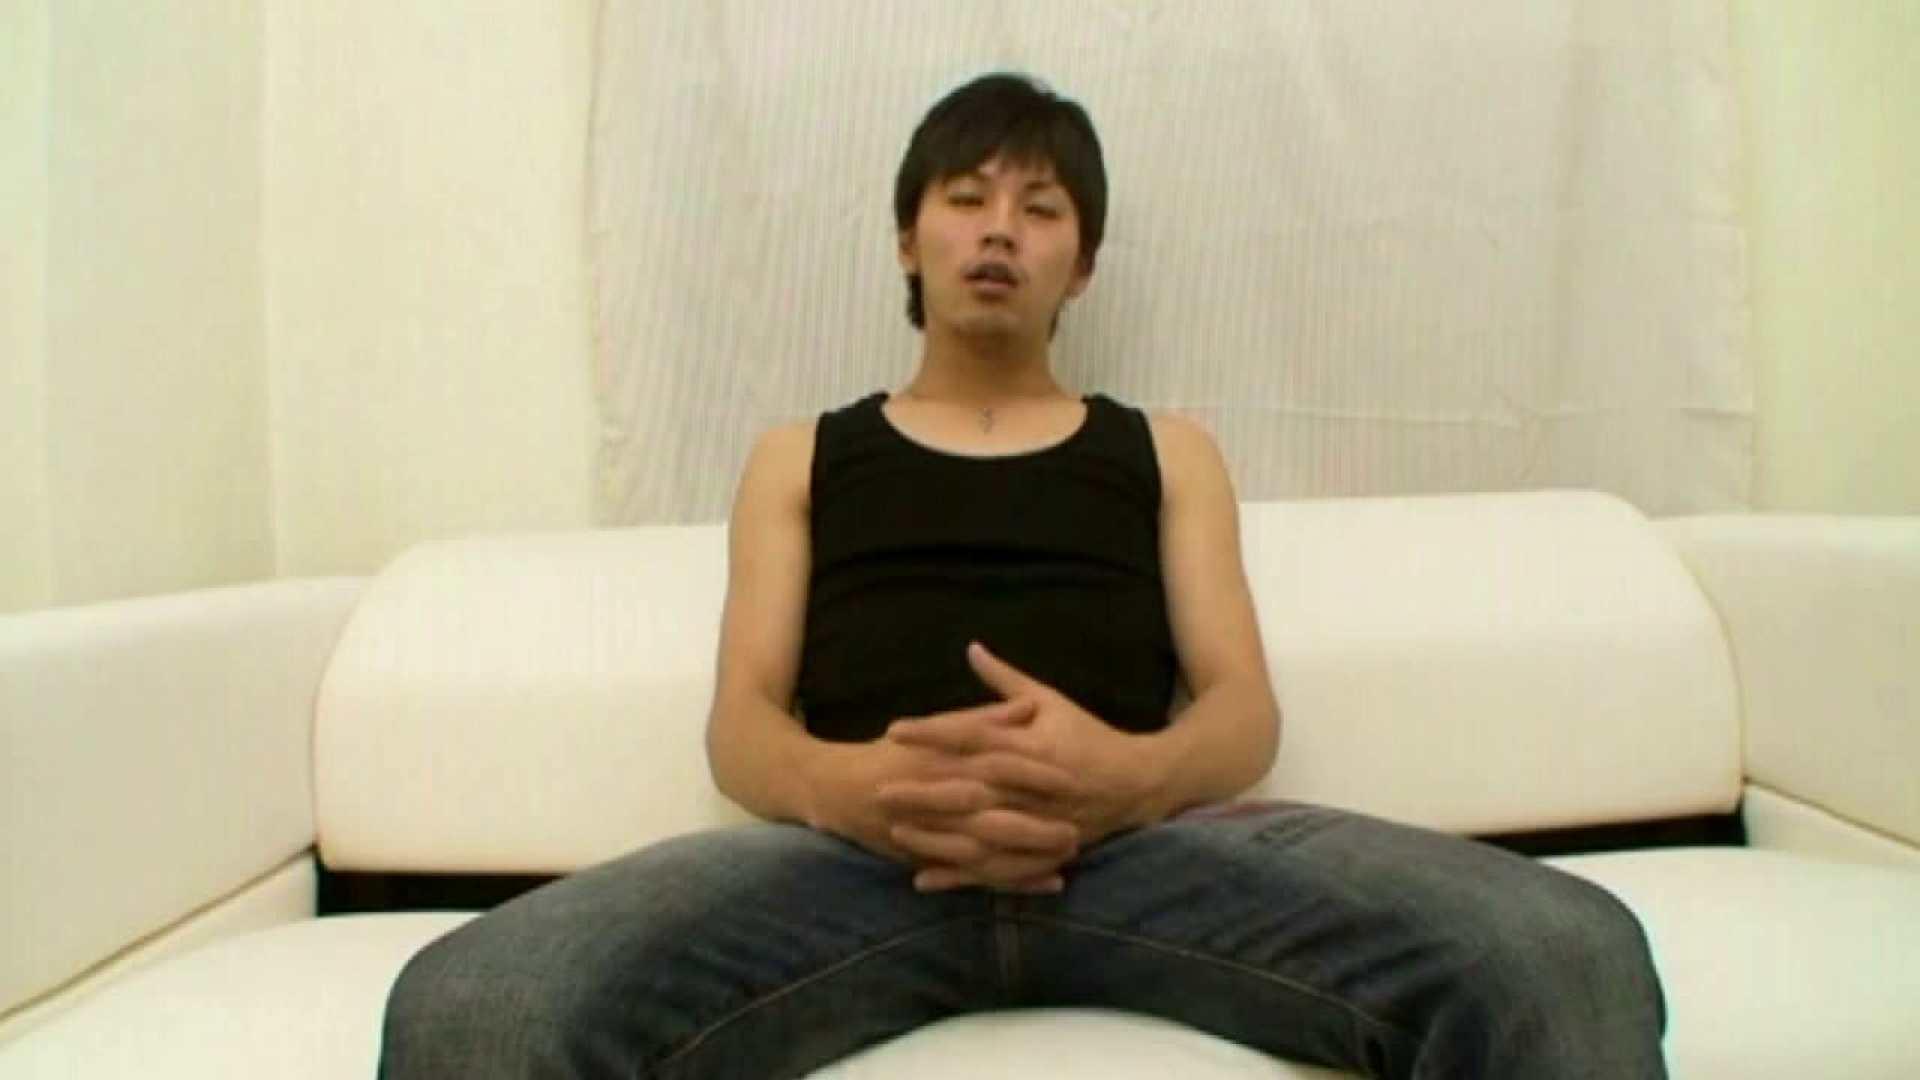 ノンケ!自慰スタジオ No.37 ゲイ悪戯 ゲイアダルト画像 67pic 5